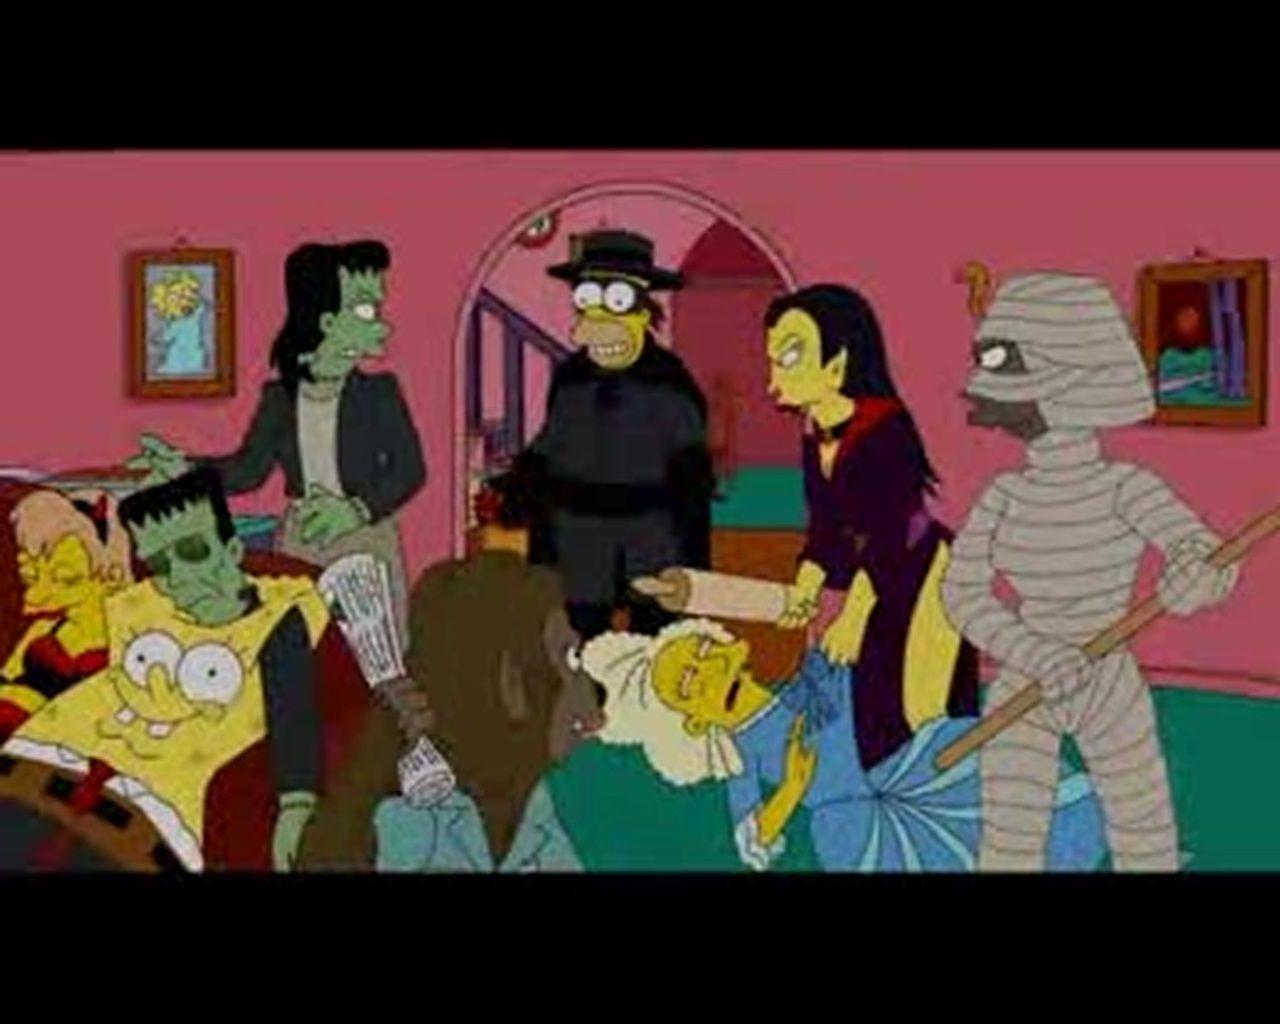 Симпсоны — s21e04 — Treehouse of Horror XX